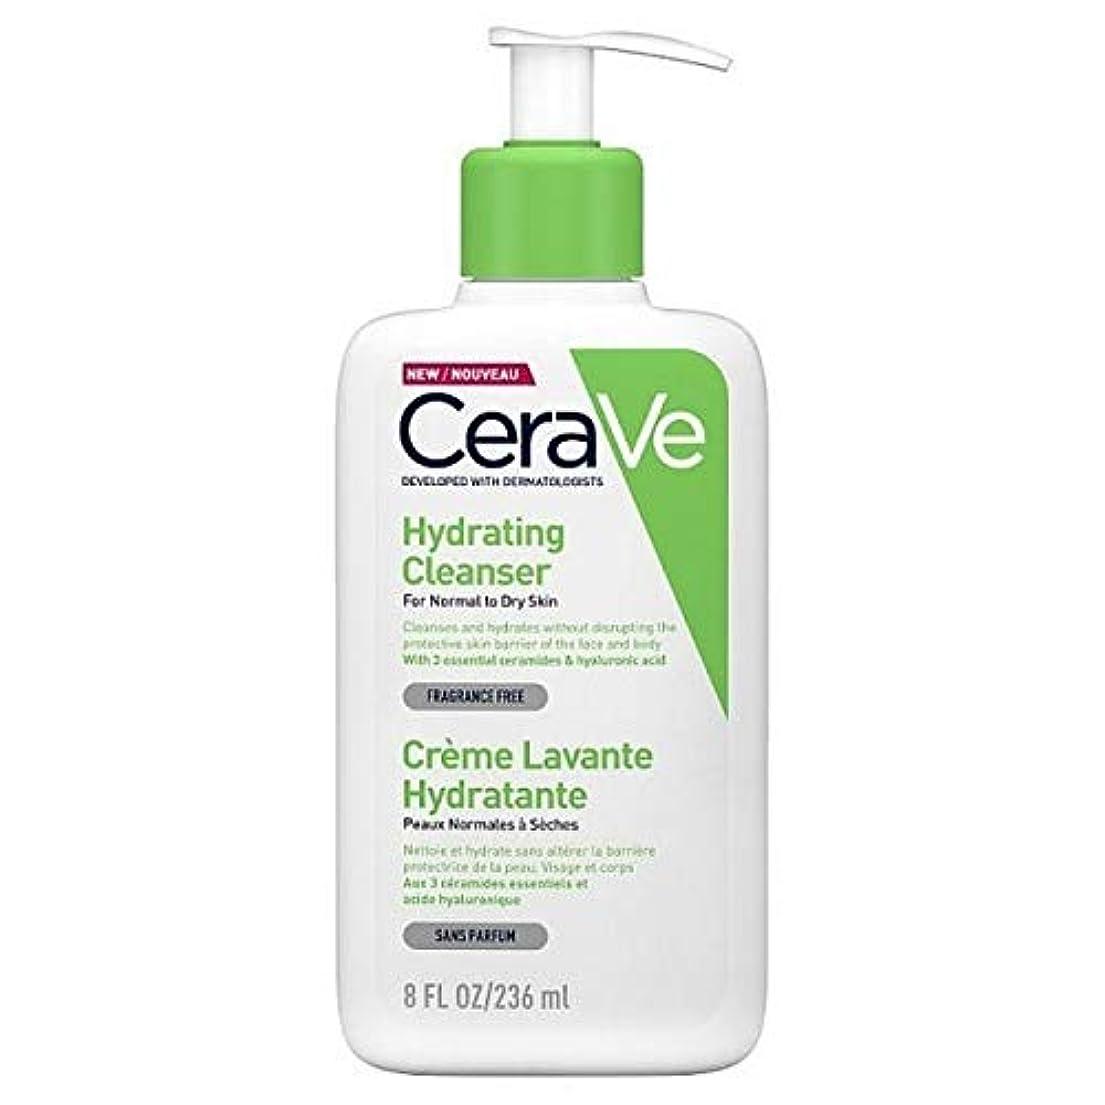 としてアリーナ早く[CeraVe] Cerave水和クレンザー236ミリリットル - CeraVe Hydrating Cleanser 236ml [並行輸入品]